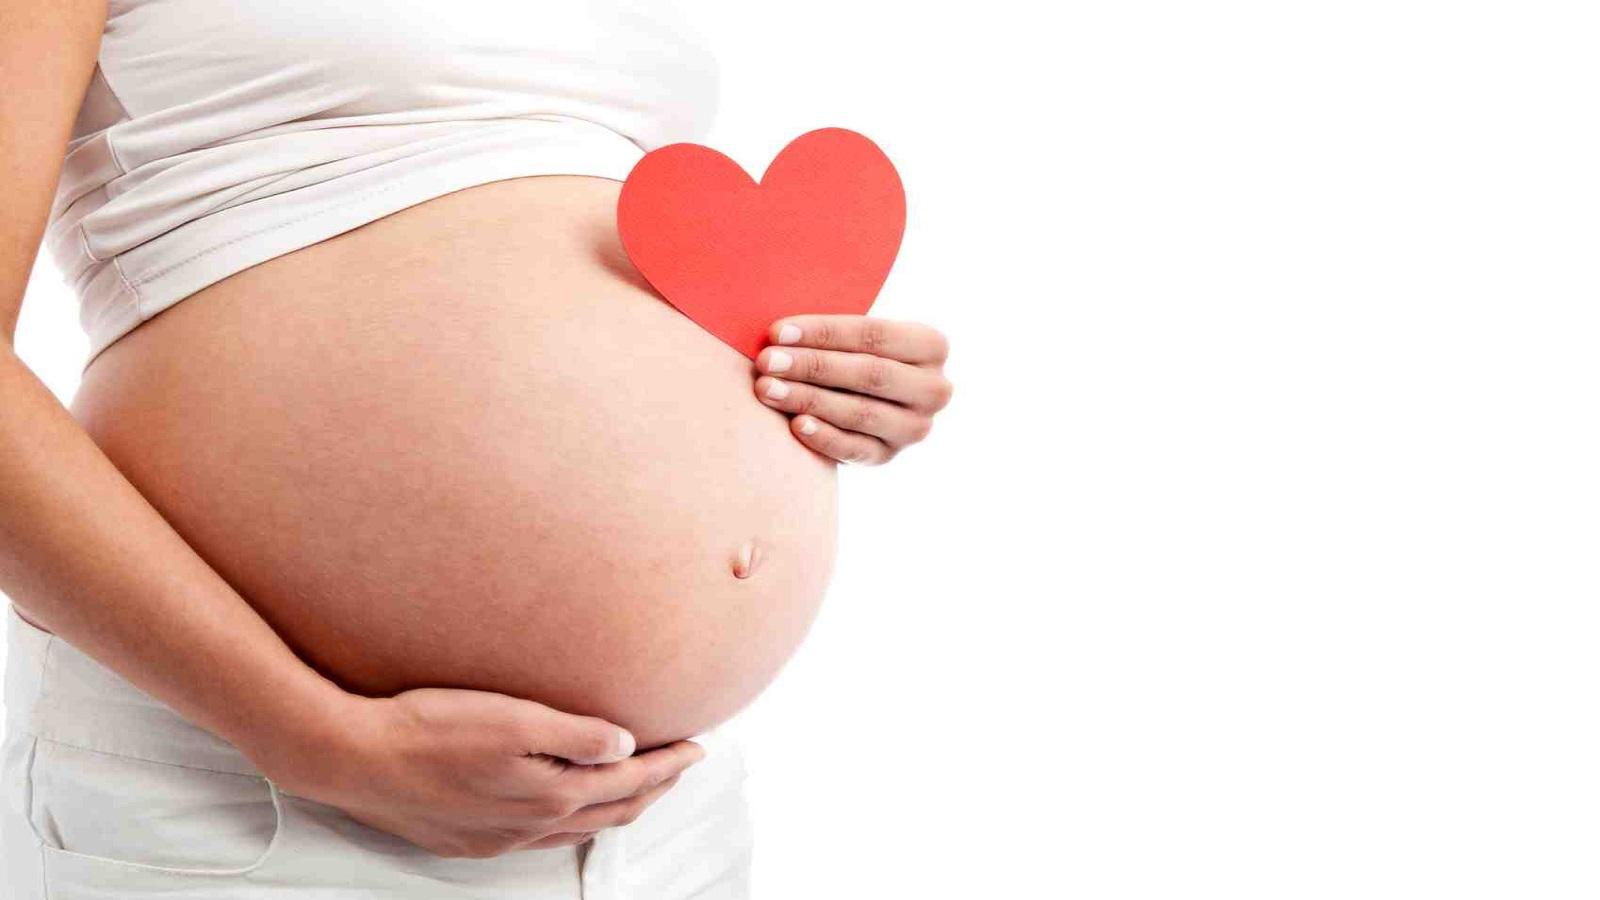 Phụ nữ mang thai đi xe máy liệu có an toàn? - Bảo vệ gia đình Việt